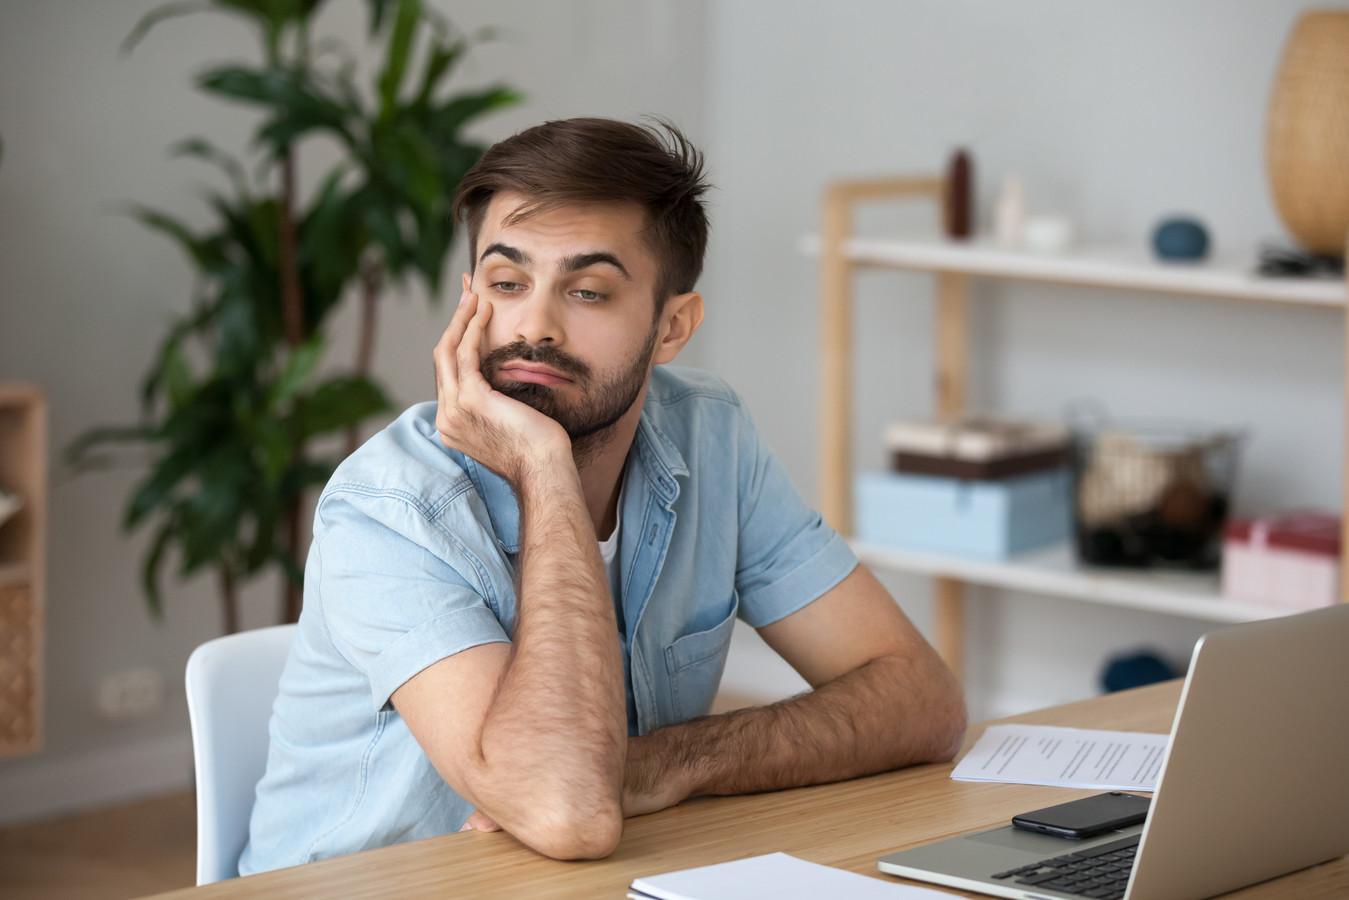 Foto ter illustratie. In Nederland is 38 procent van de banen een bullshitbaan en dat werkt demotiverend, zegt psycholoog Thijs Launspach.